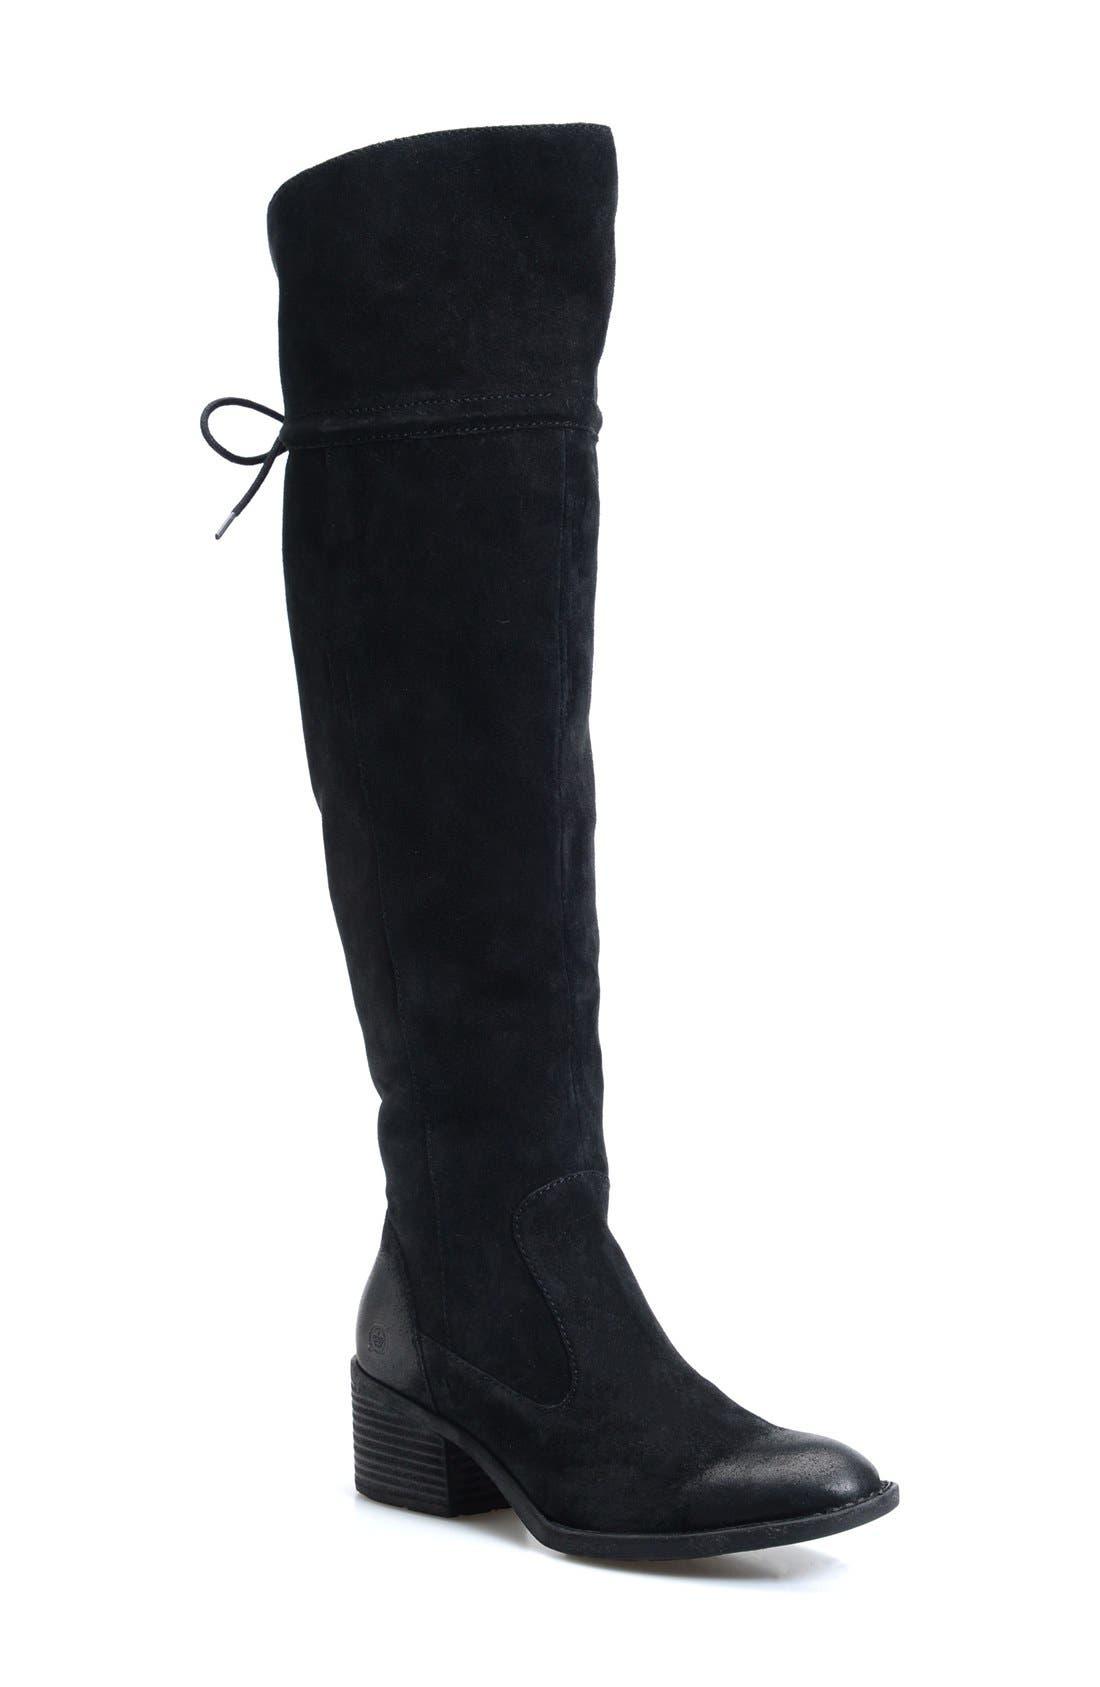 Børn 'Gallinara' Over the Knee Boot (Women)